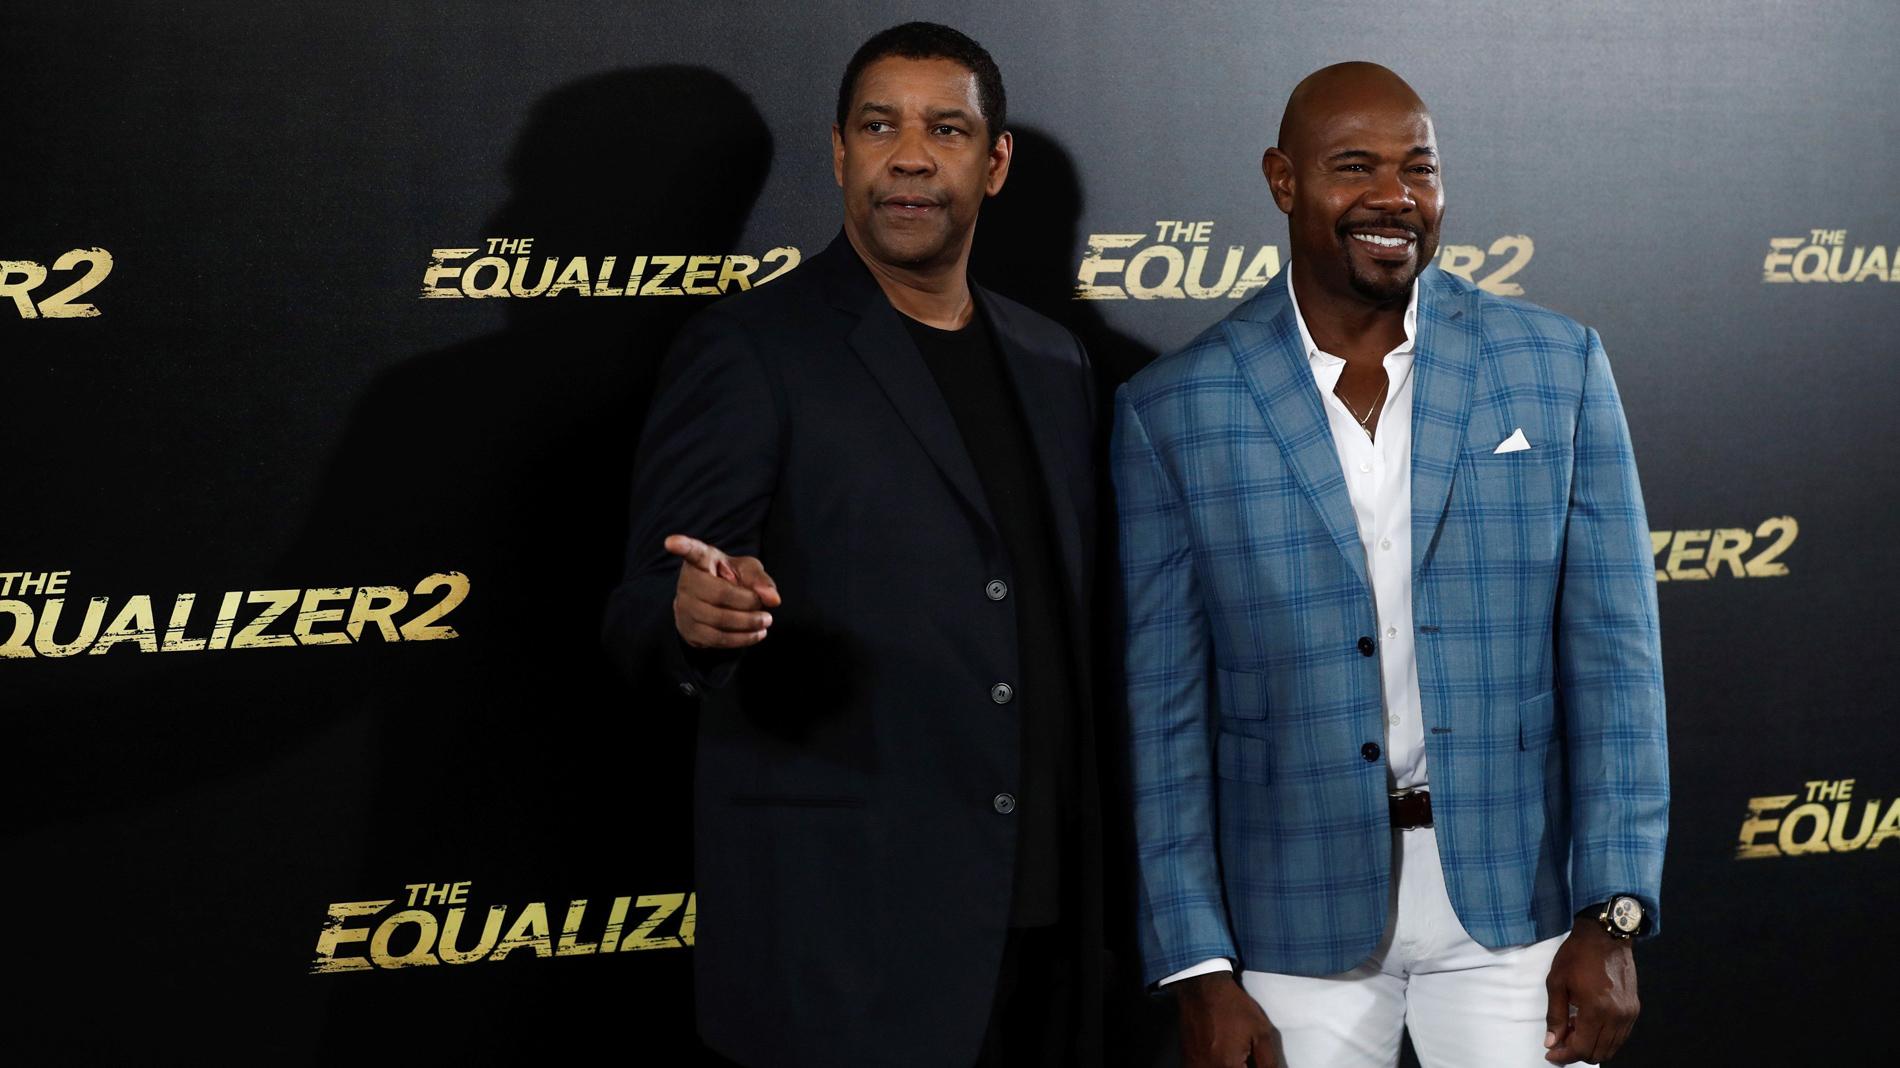 Ir al Video'The Equalizer 2', 'El rehén' y 'Megalodón', estrenos destacados de este viernes